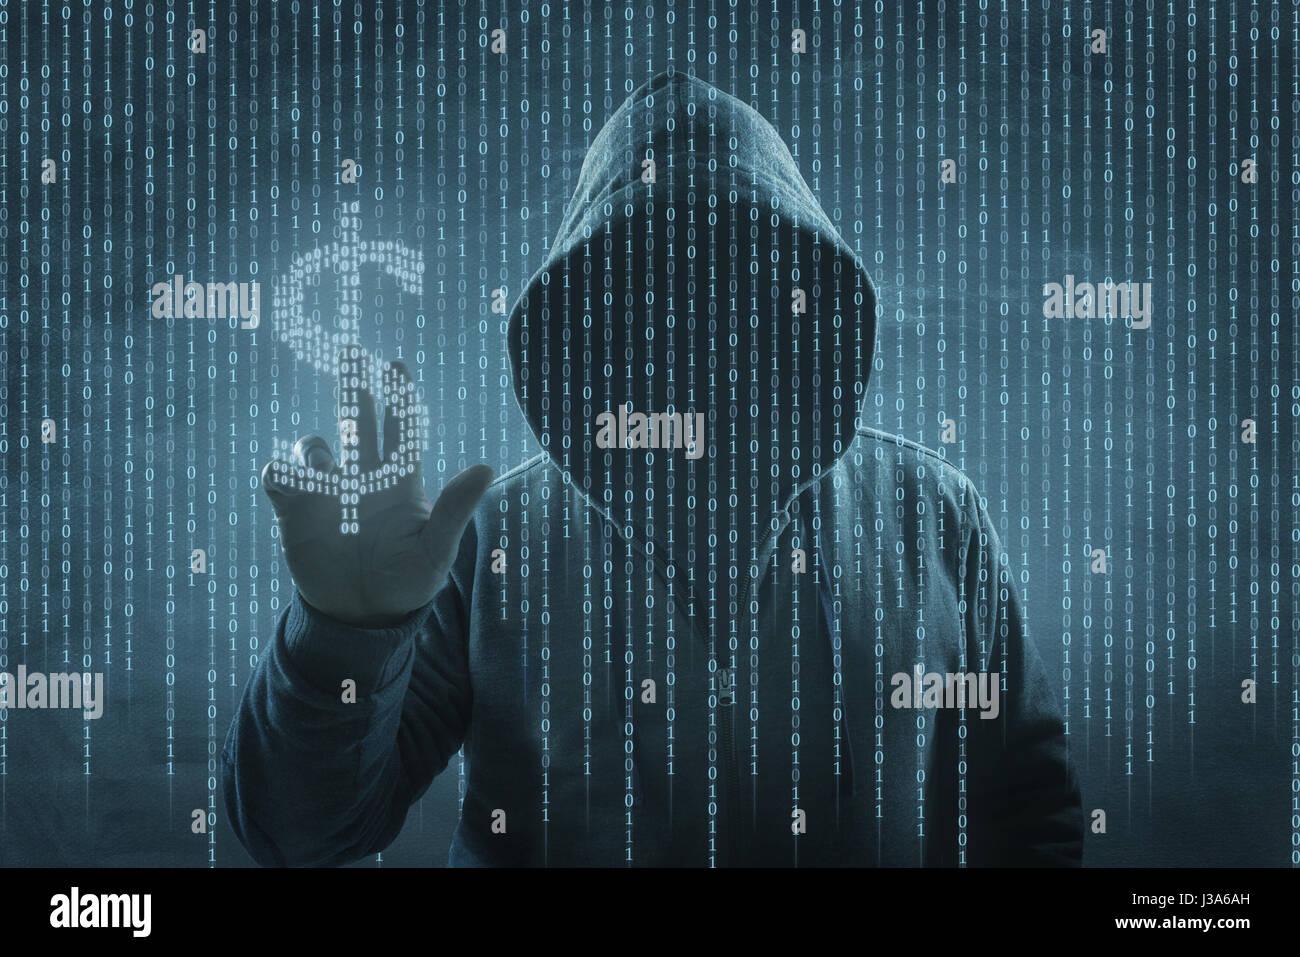 Hacker sur un écran avec le code binaire Photo Stock